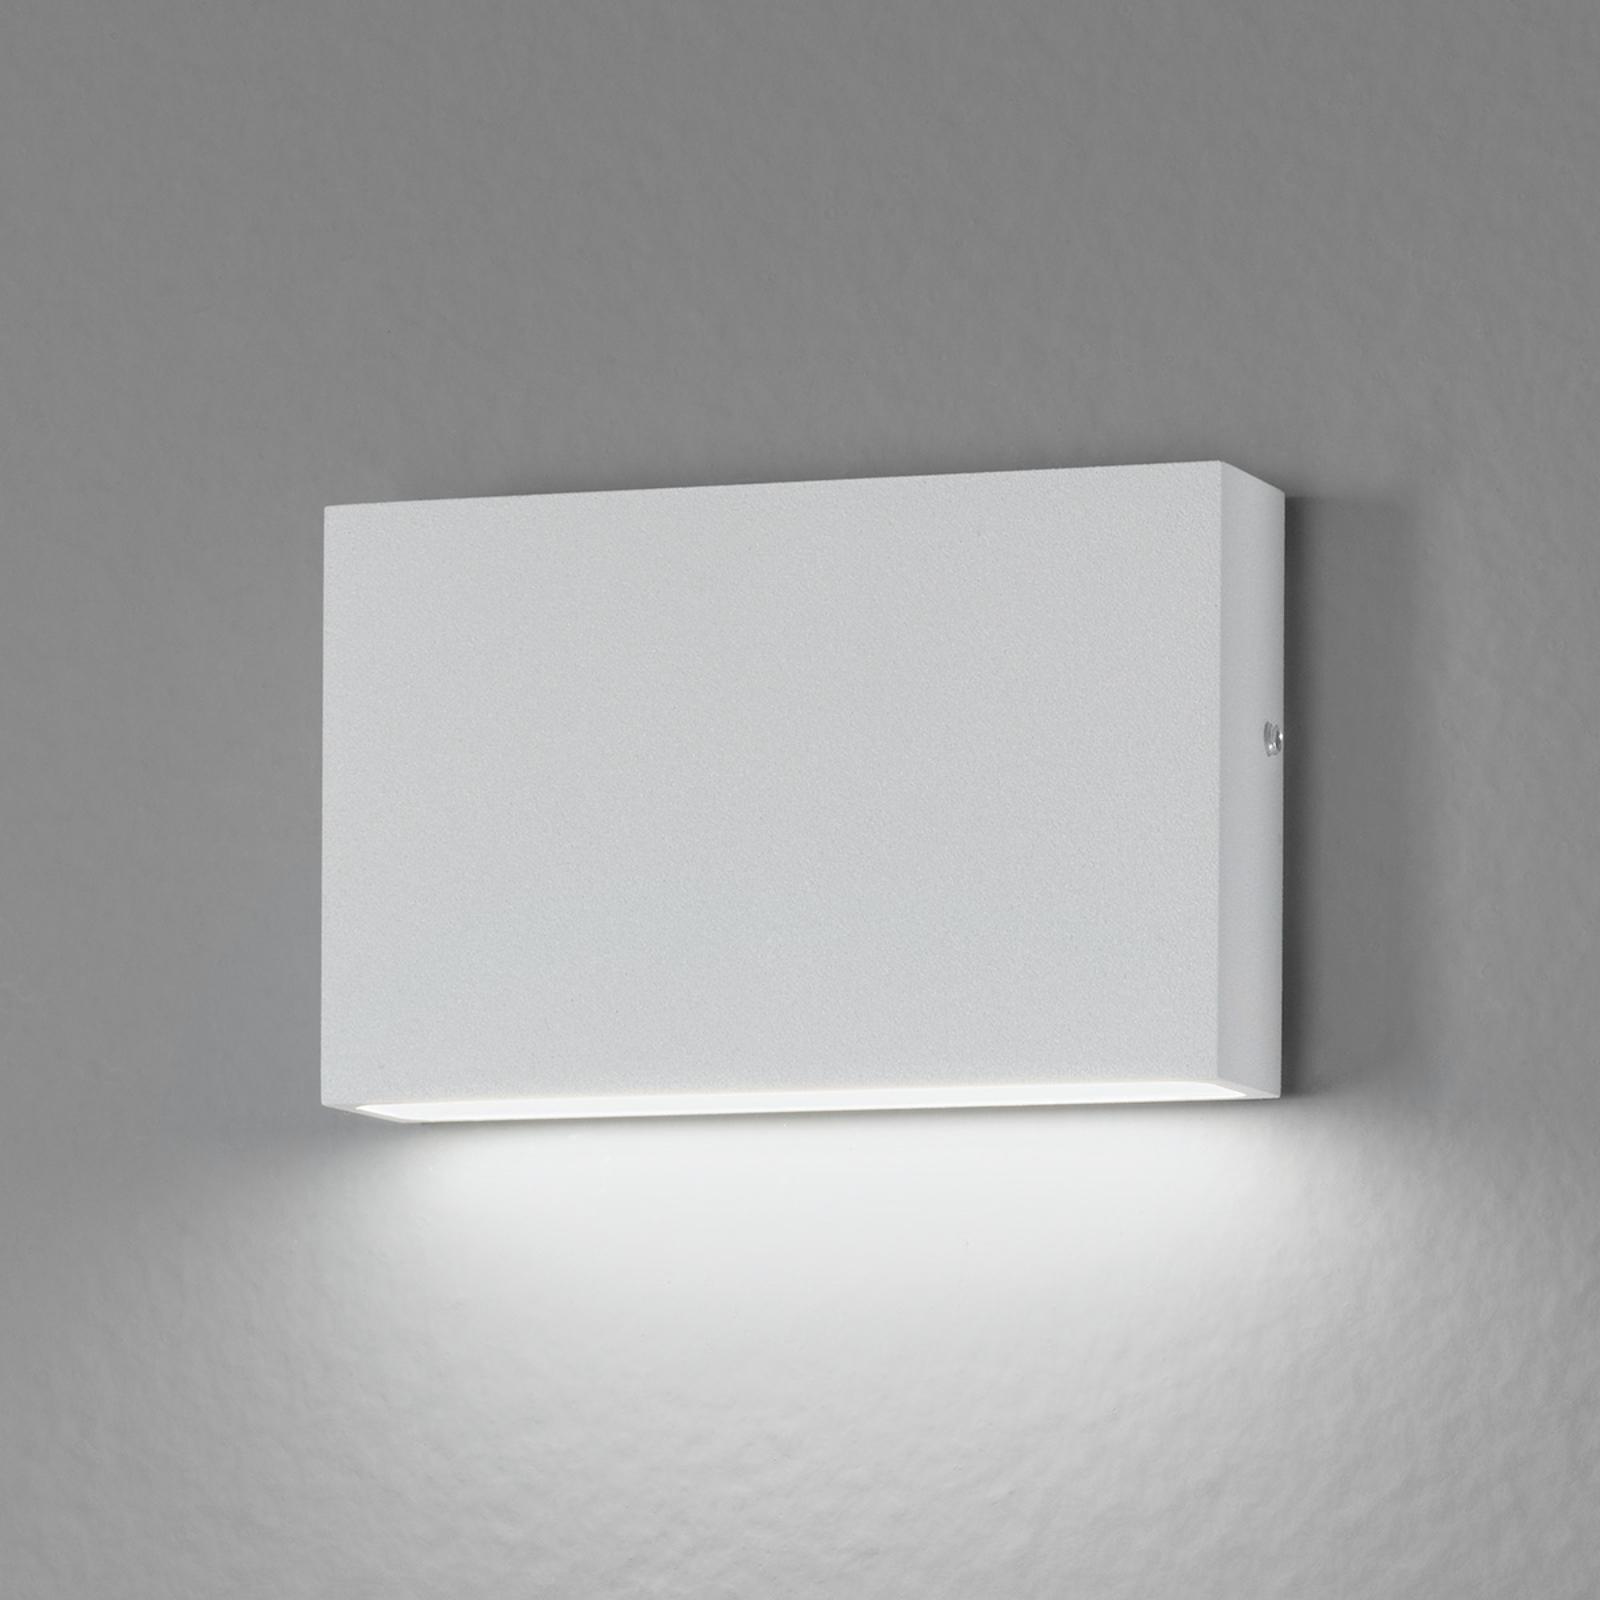 For inne- og utebruk - LED-vegglampe Flatbox